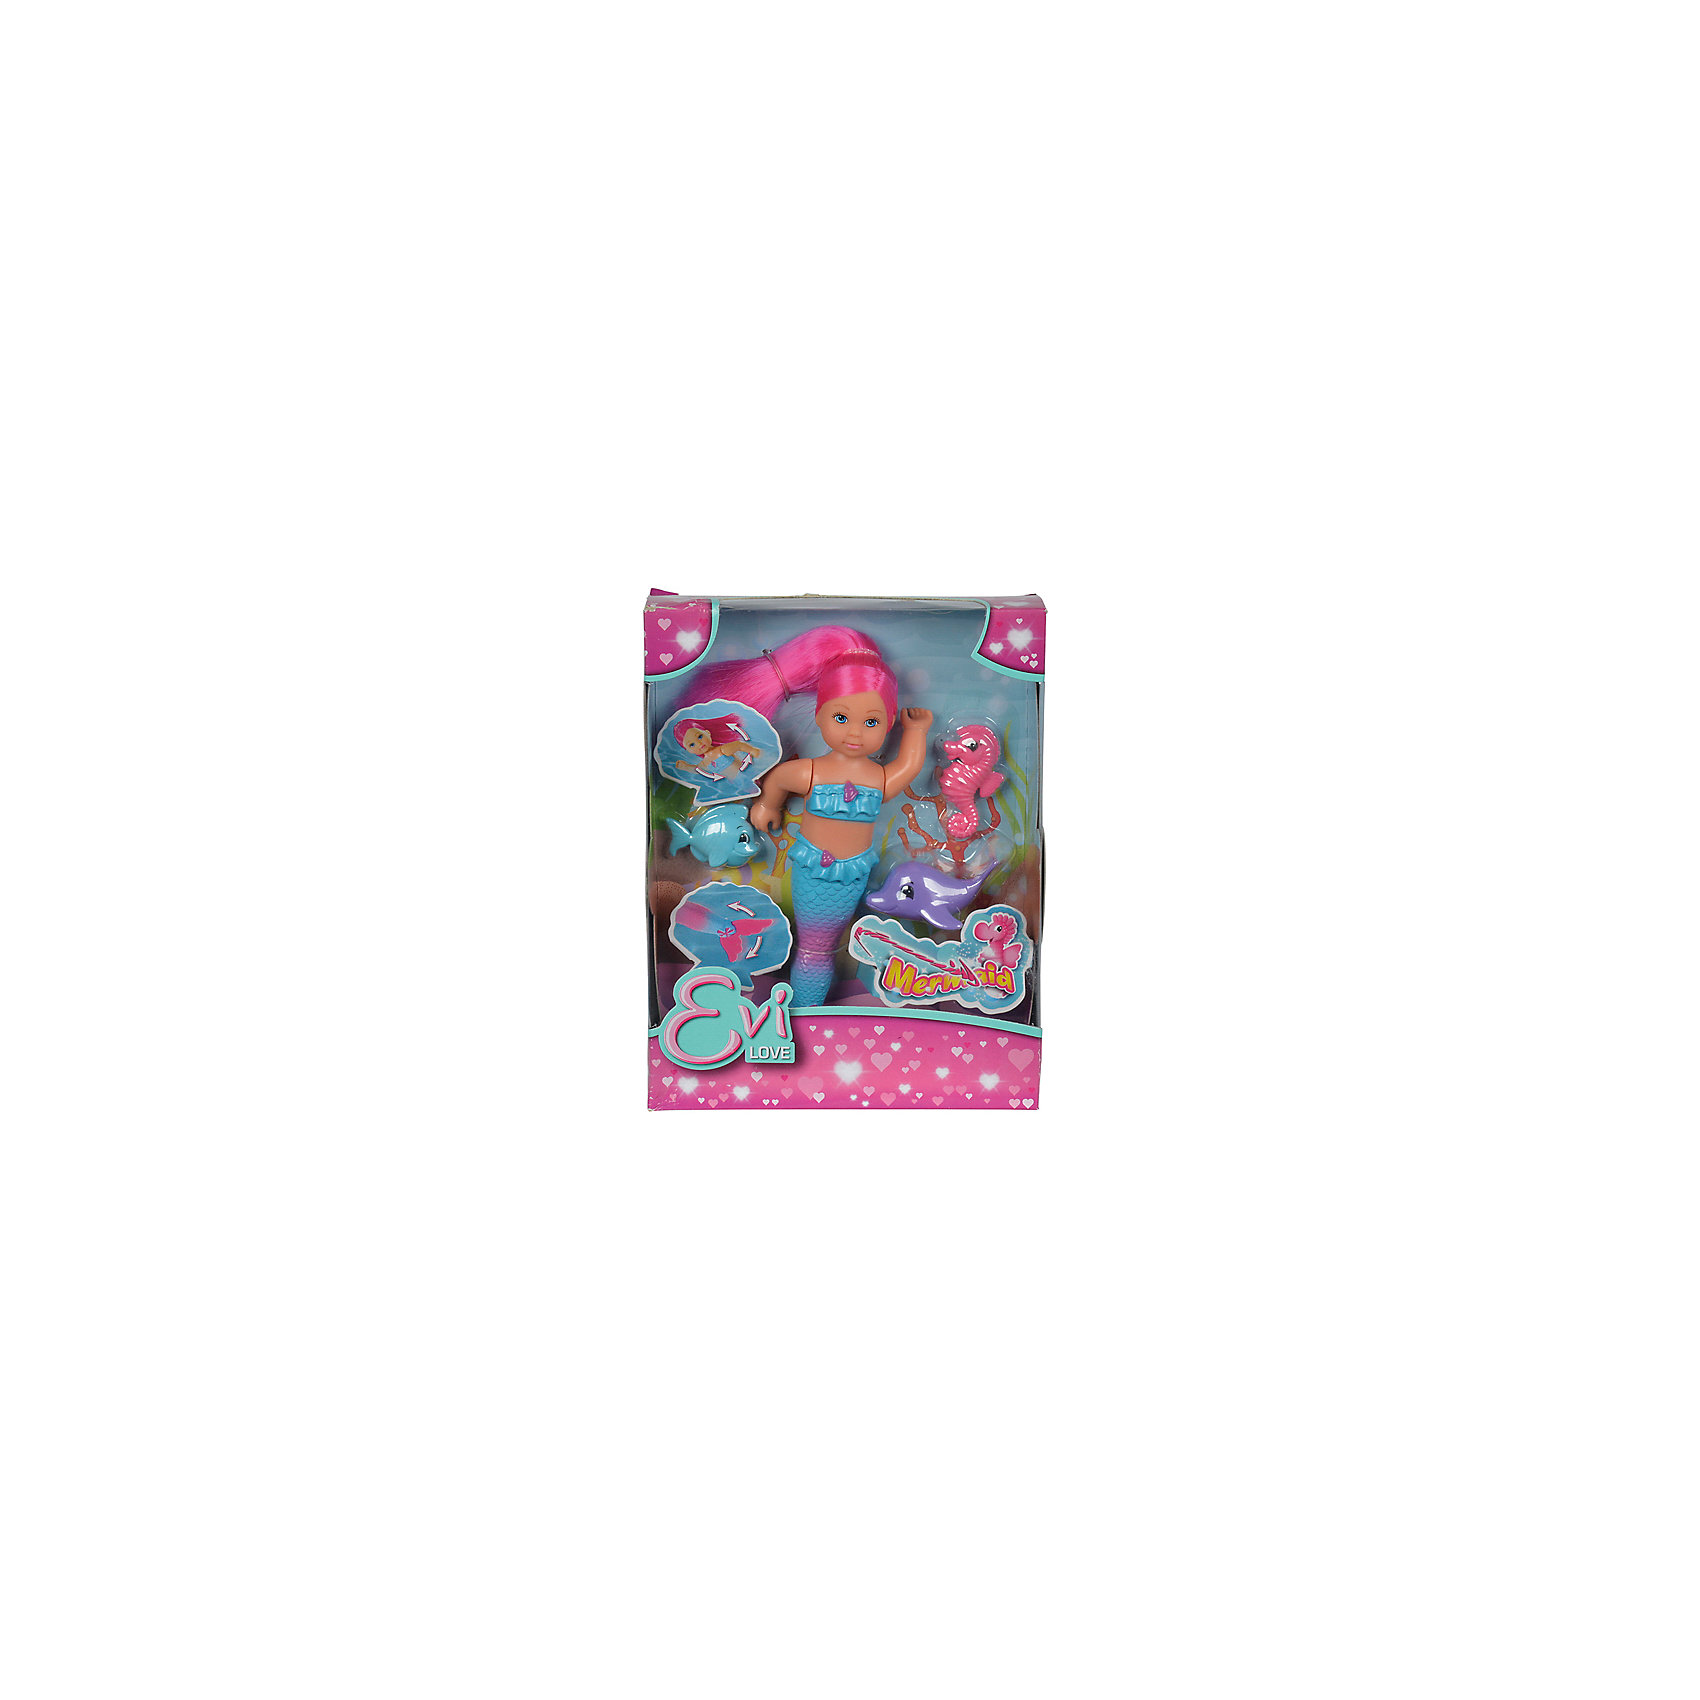 Кукла Еви-русалка с двигающимся хвостом и морскими животными, 12 см, SimbaМини-куклы<br>Характеристики товара:<br><br>• возраст от 3 лет;<br>• материал: пластик;<br>• в комплекте: кукла, дельфин, морской конек, рыбка;<br>• высота куклы 12 см;<br>• размер упаковки 18х14х5 см;<br>• вес упаковки 140 гр.;<br>• страна производитель: Китай.<br><br>Кукла Еви-русалка с двигающимся хвостом и морскими животными Simba представляет собой милую куколку Еви в образе русалочки. У Еви мягкие розовые волосы, которые можно расчесать или украсить. Руки и хвост куклы подвижные, ее можно брать с собой в ванную и придумывать разнообразные игры. Вместе с куклой в комплекте ее верные морские друзья.<br><br>Куклу Еви-русалку с двигающимся хвостом и морскими животными Simba можно приобрести в нашем интернет-магазине.<br><br>Ширина мм: 50<br>Глубина мм: 180<br>Высота мм: 140<br>Вес г: 140<br>Возраст от месяцев: 36<br>Возраст до месяцев: 2147483647<br>Пол: Женский<br>Возраст: Детский<br>SKU: 5613507